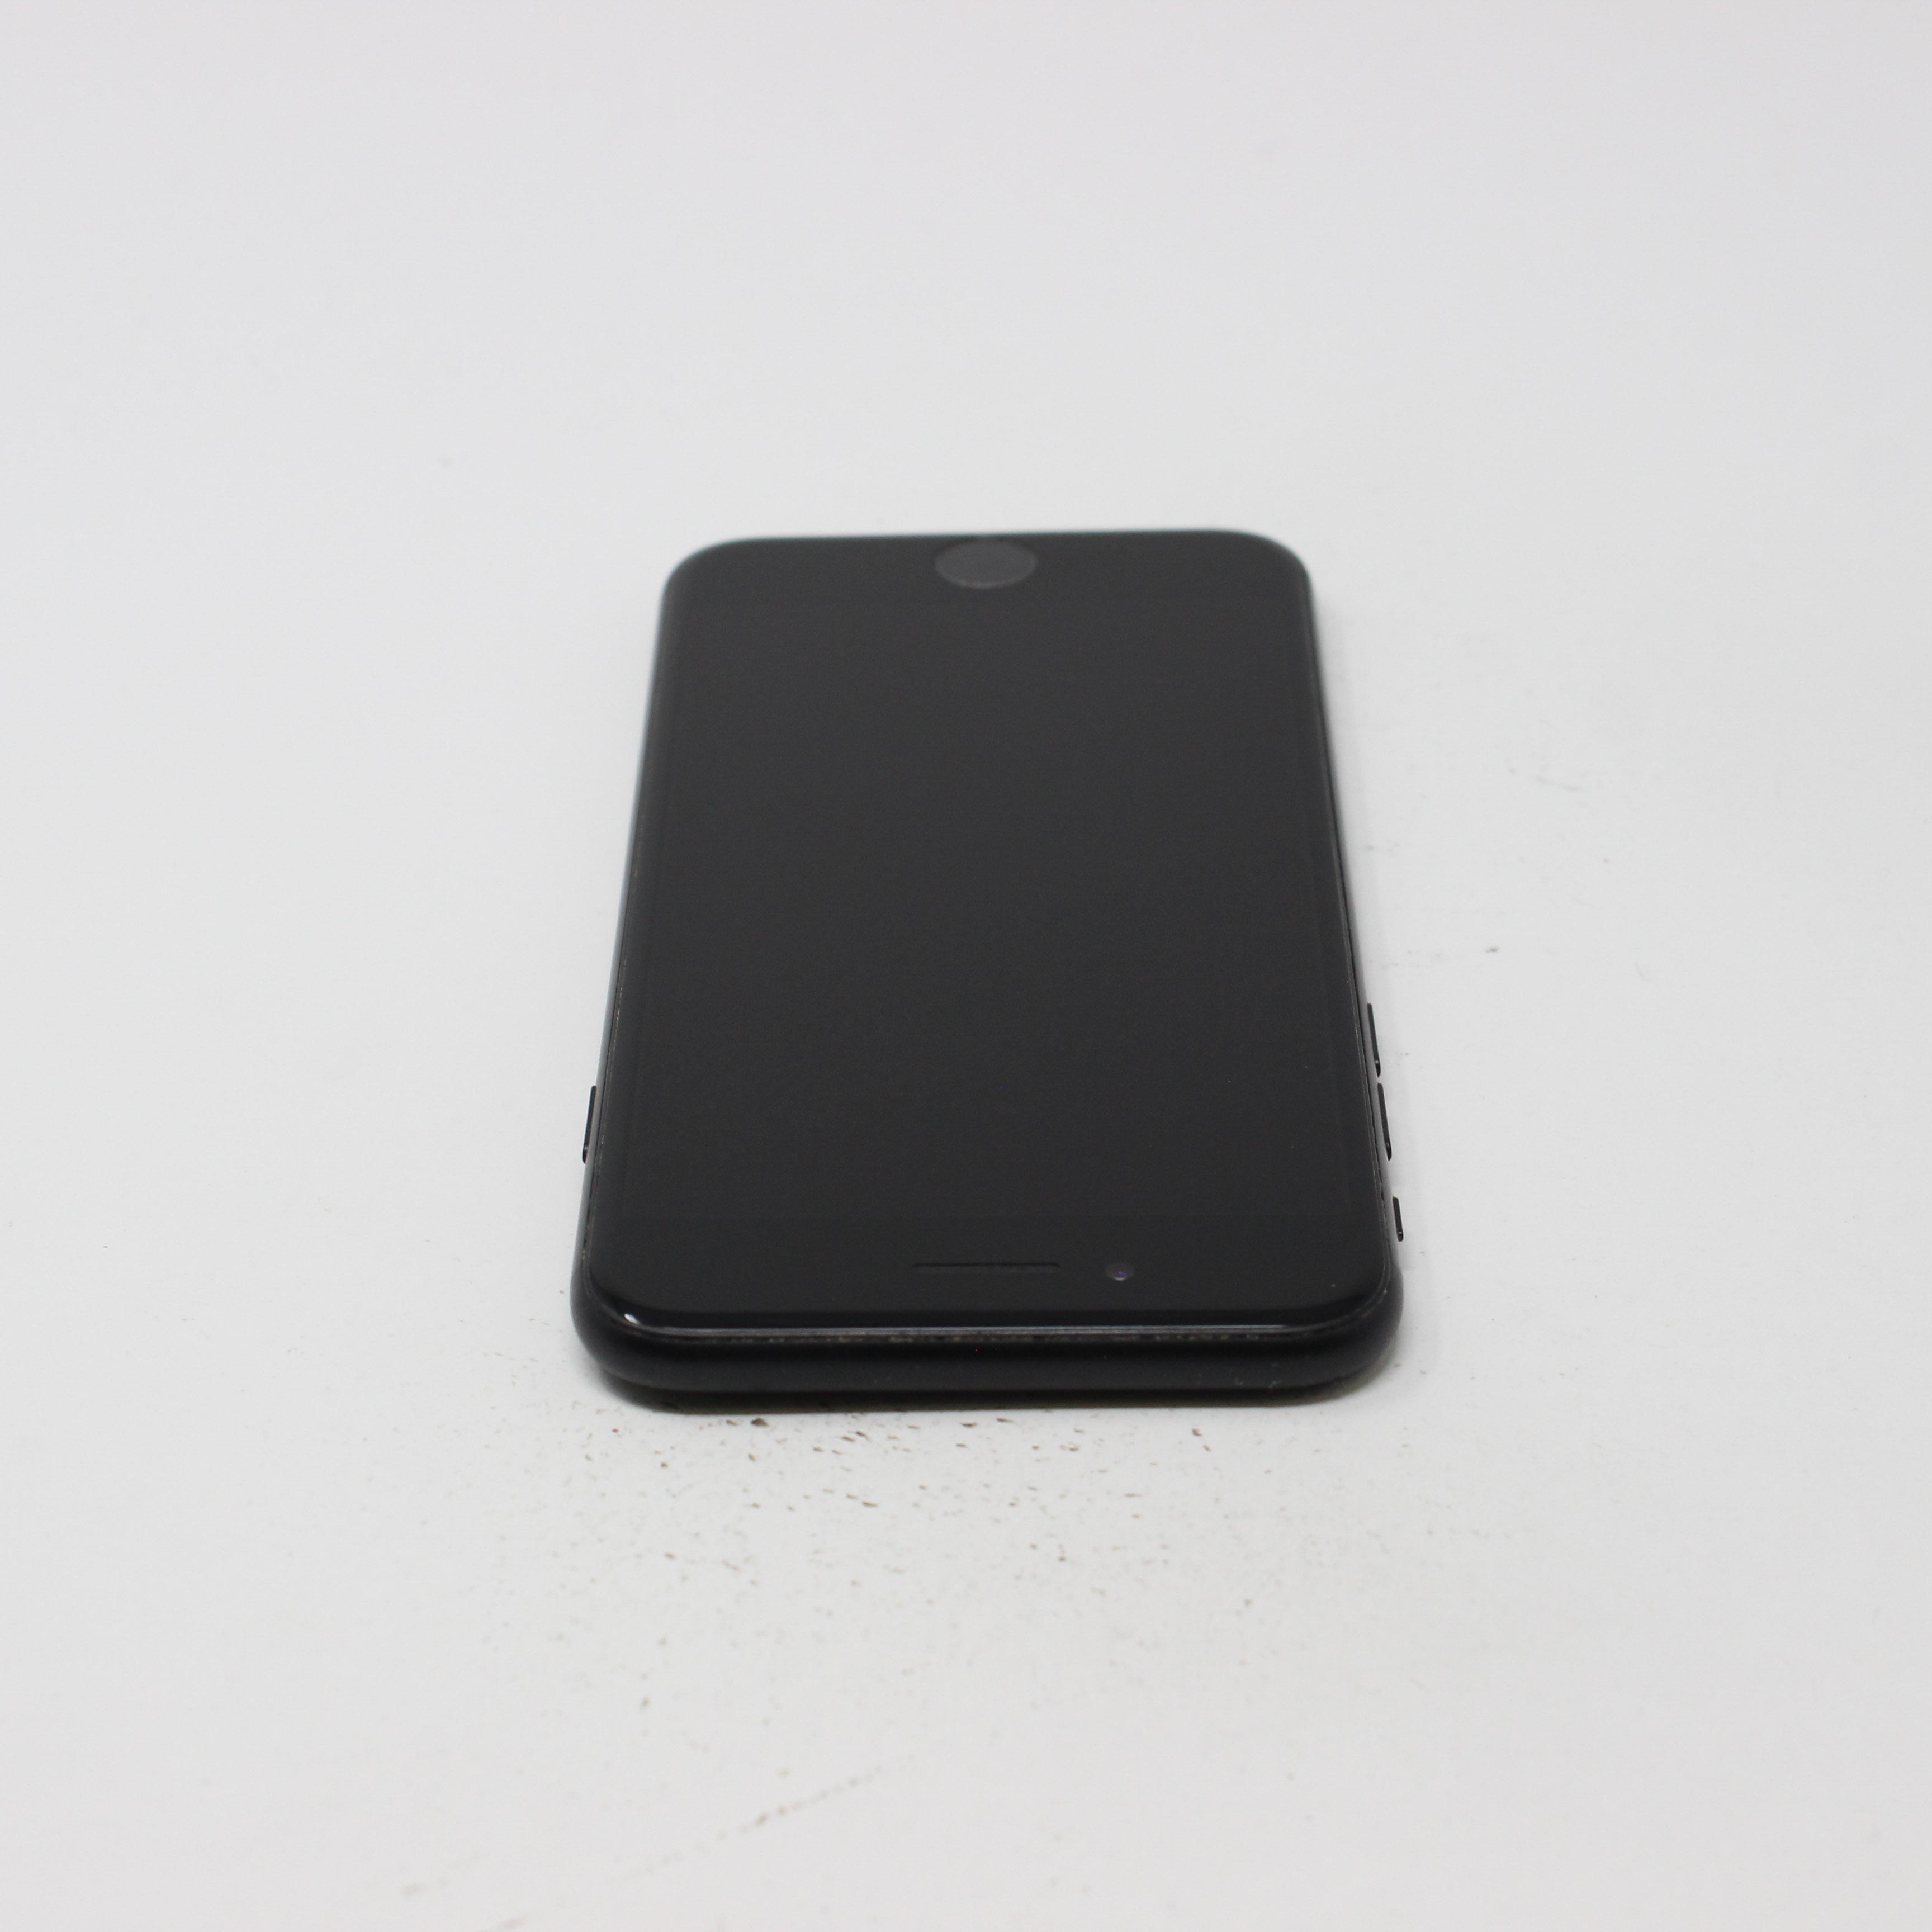 iPhone 7 128GB Black - AT&T photo 4 | UpTradeit.com